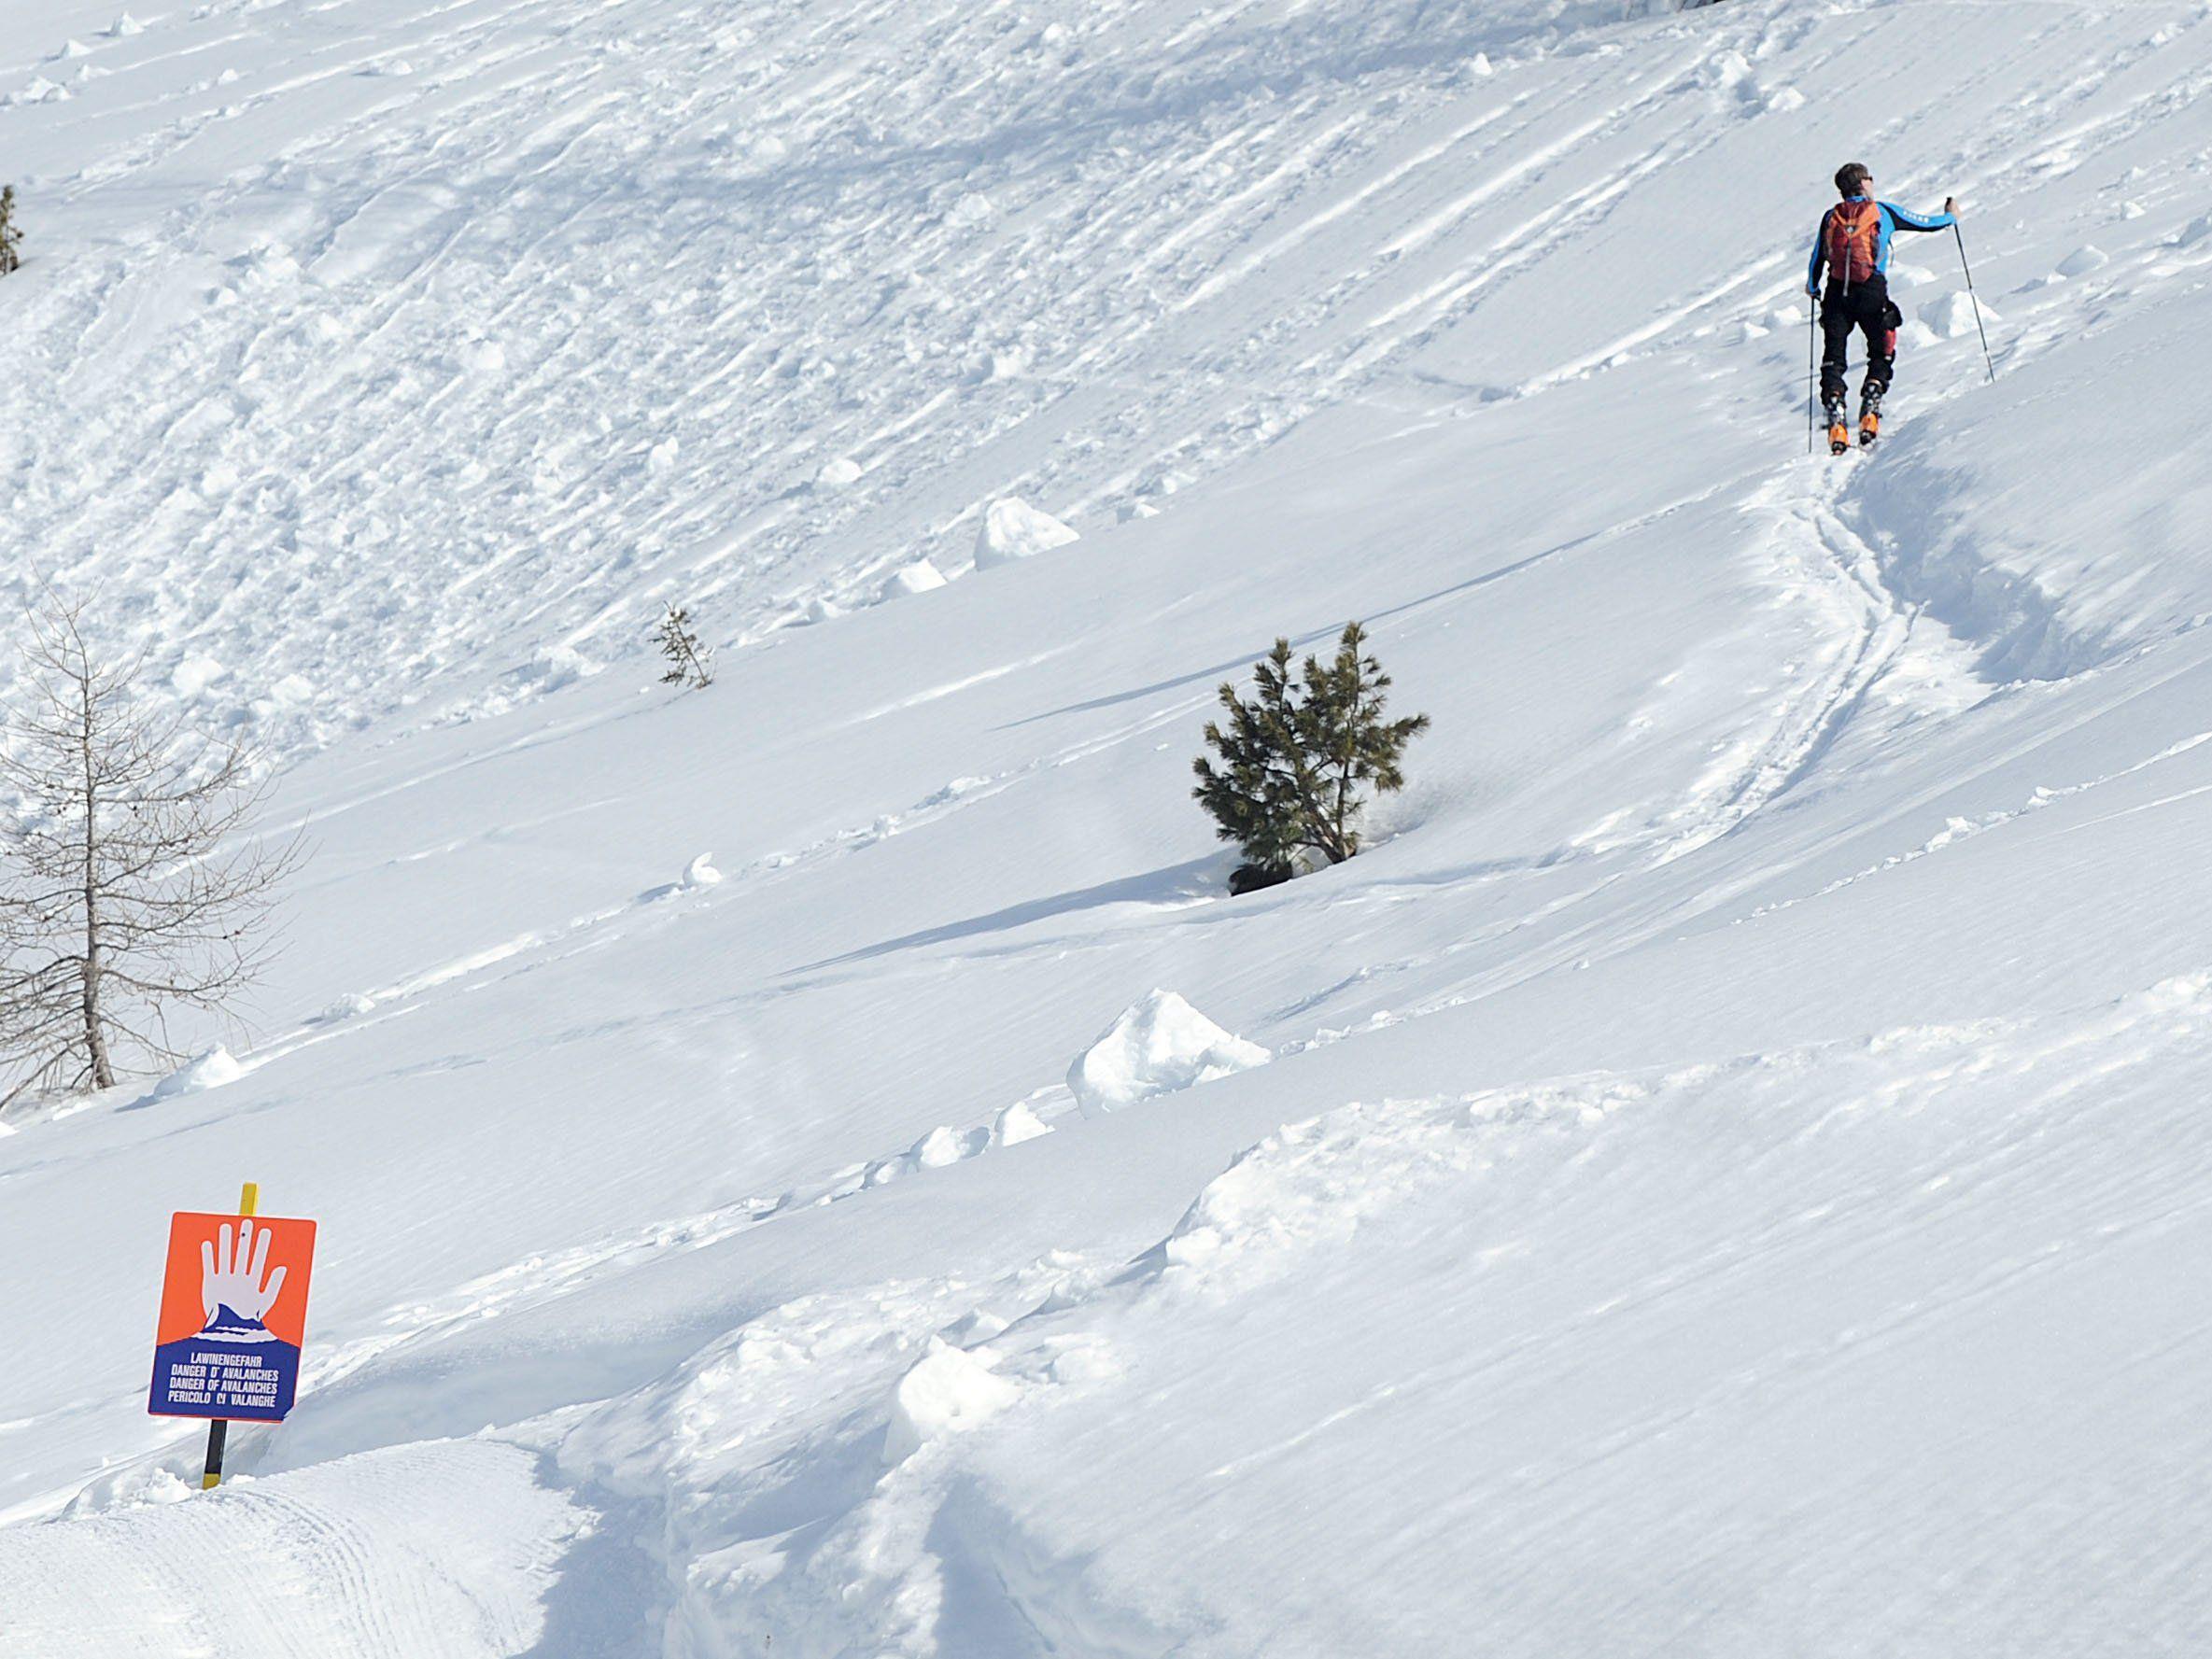 Große Lawinengefahr in Vorarlberg oberhalb von 2.000 Metern